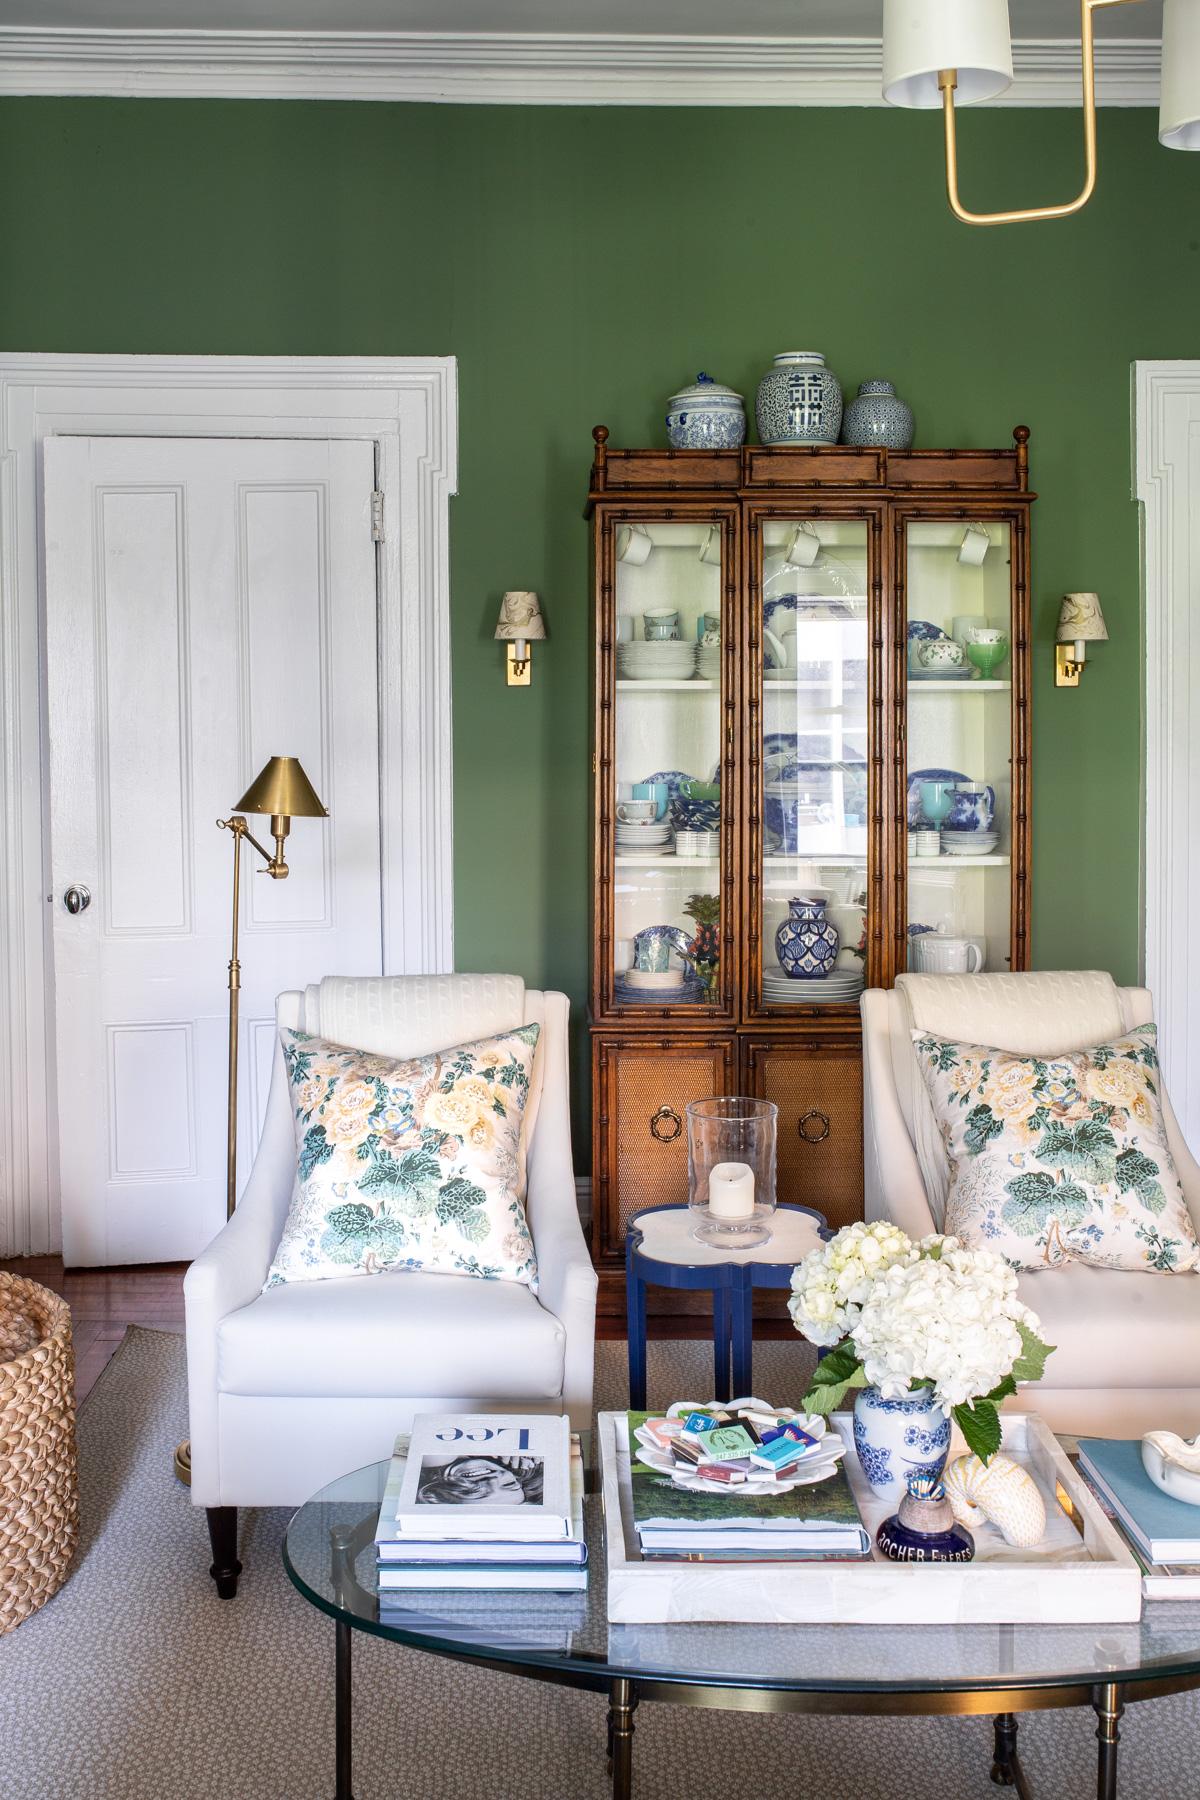 Stacie Flinner x NY Apartment Tour Living Room-7.jpg